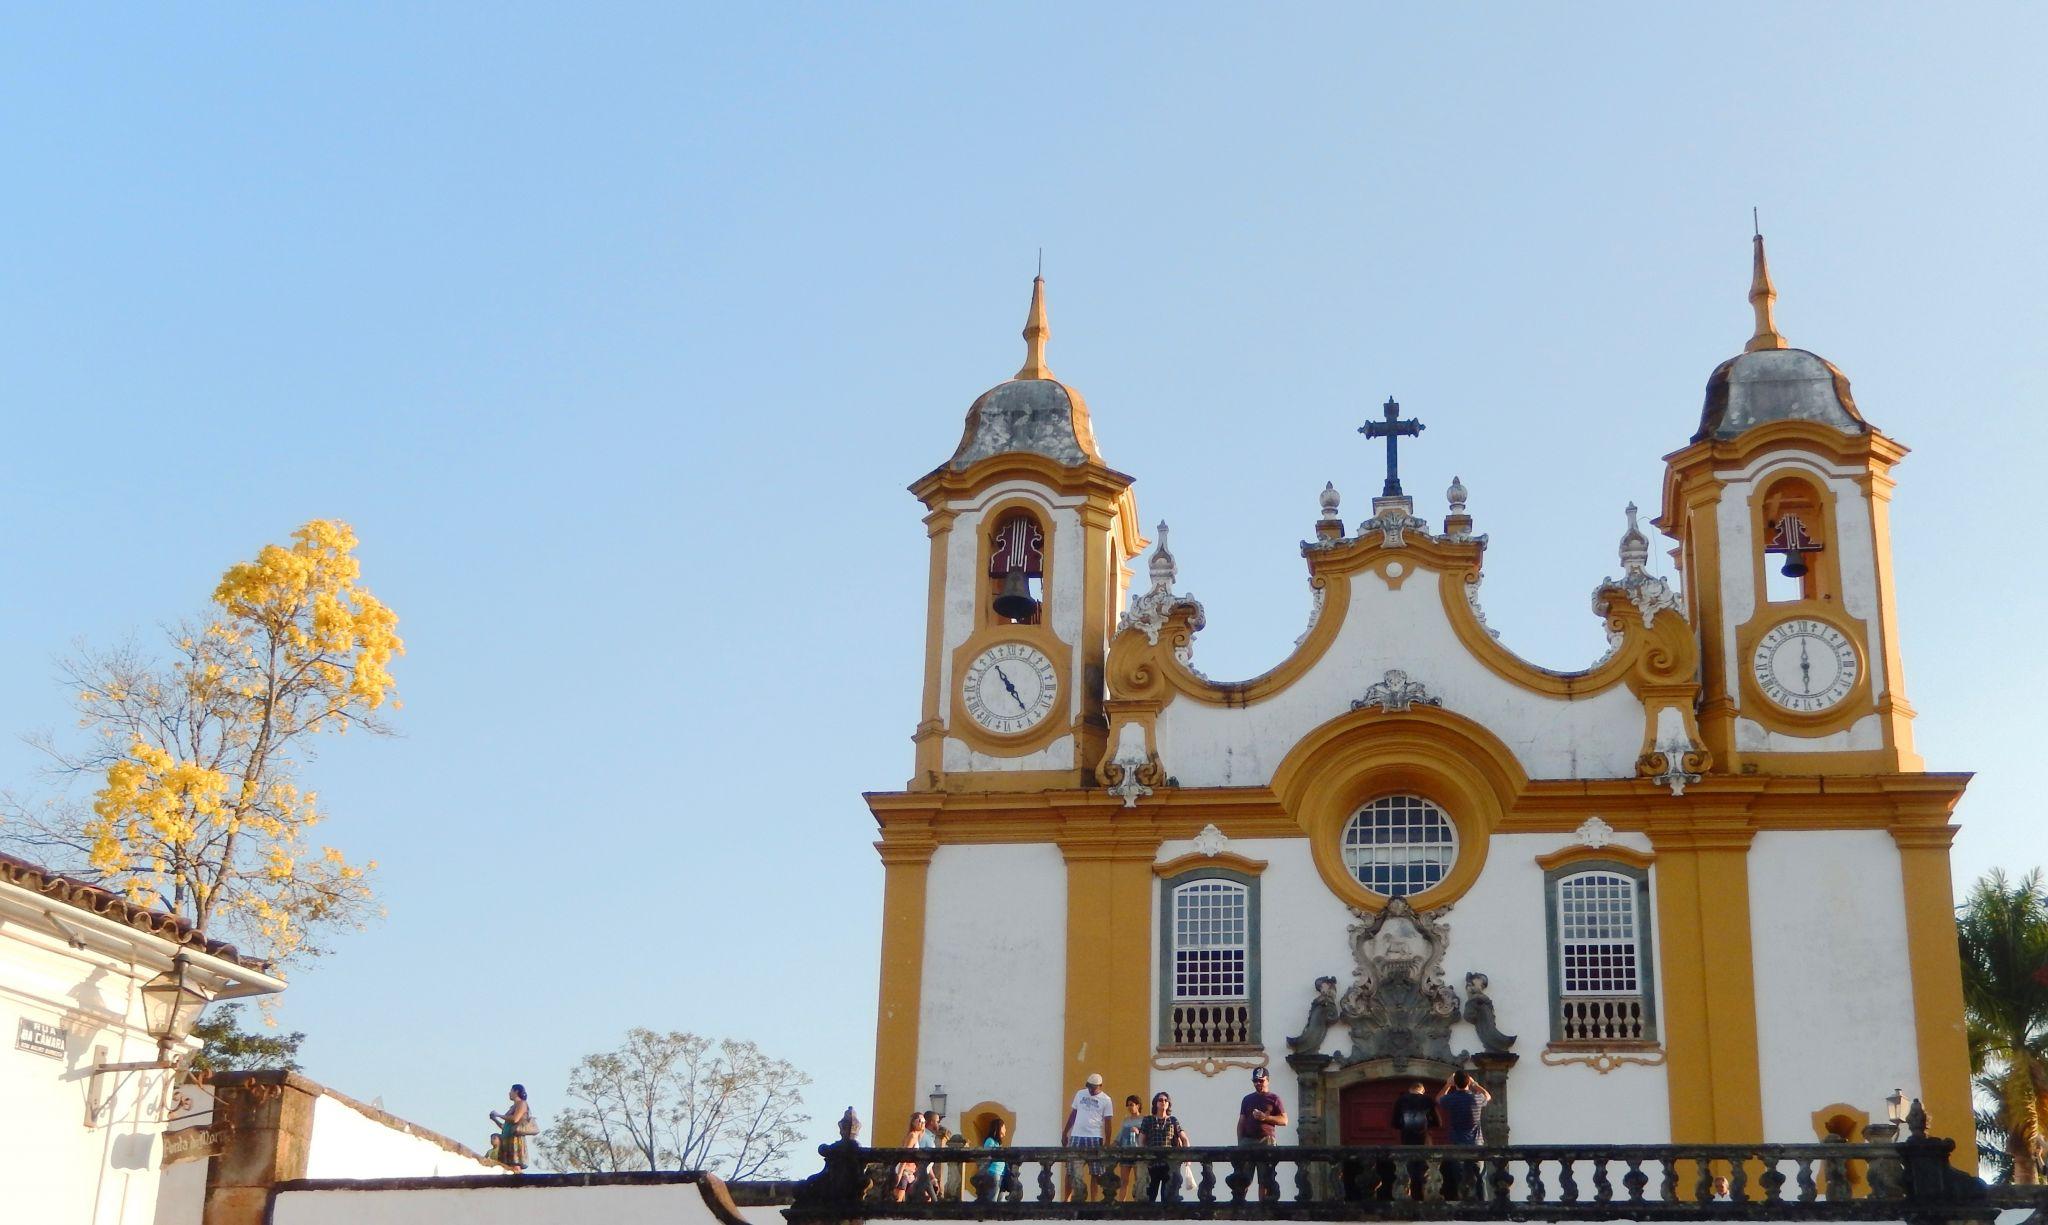 Tiradentes, Minas Gerais - Footloose Lemon Juice .jpg